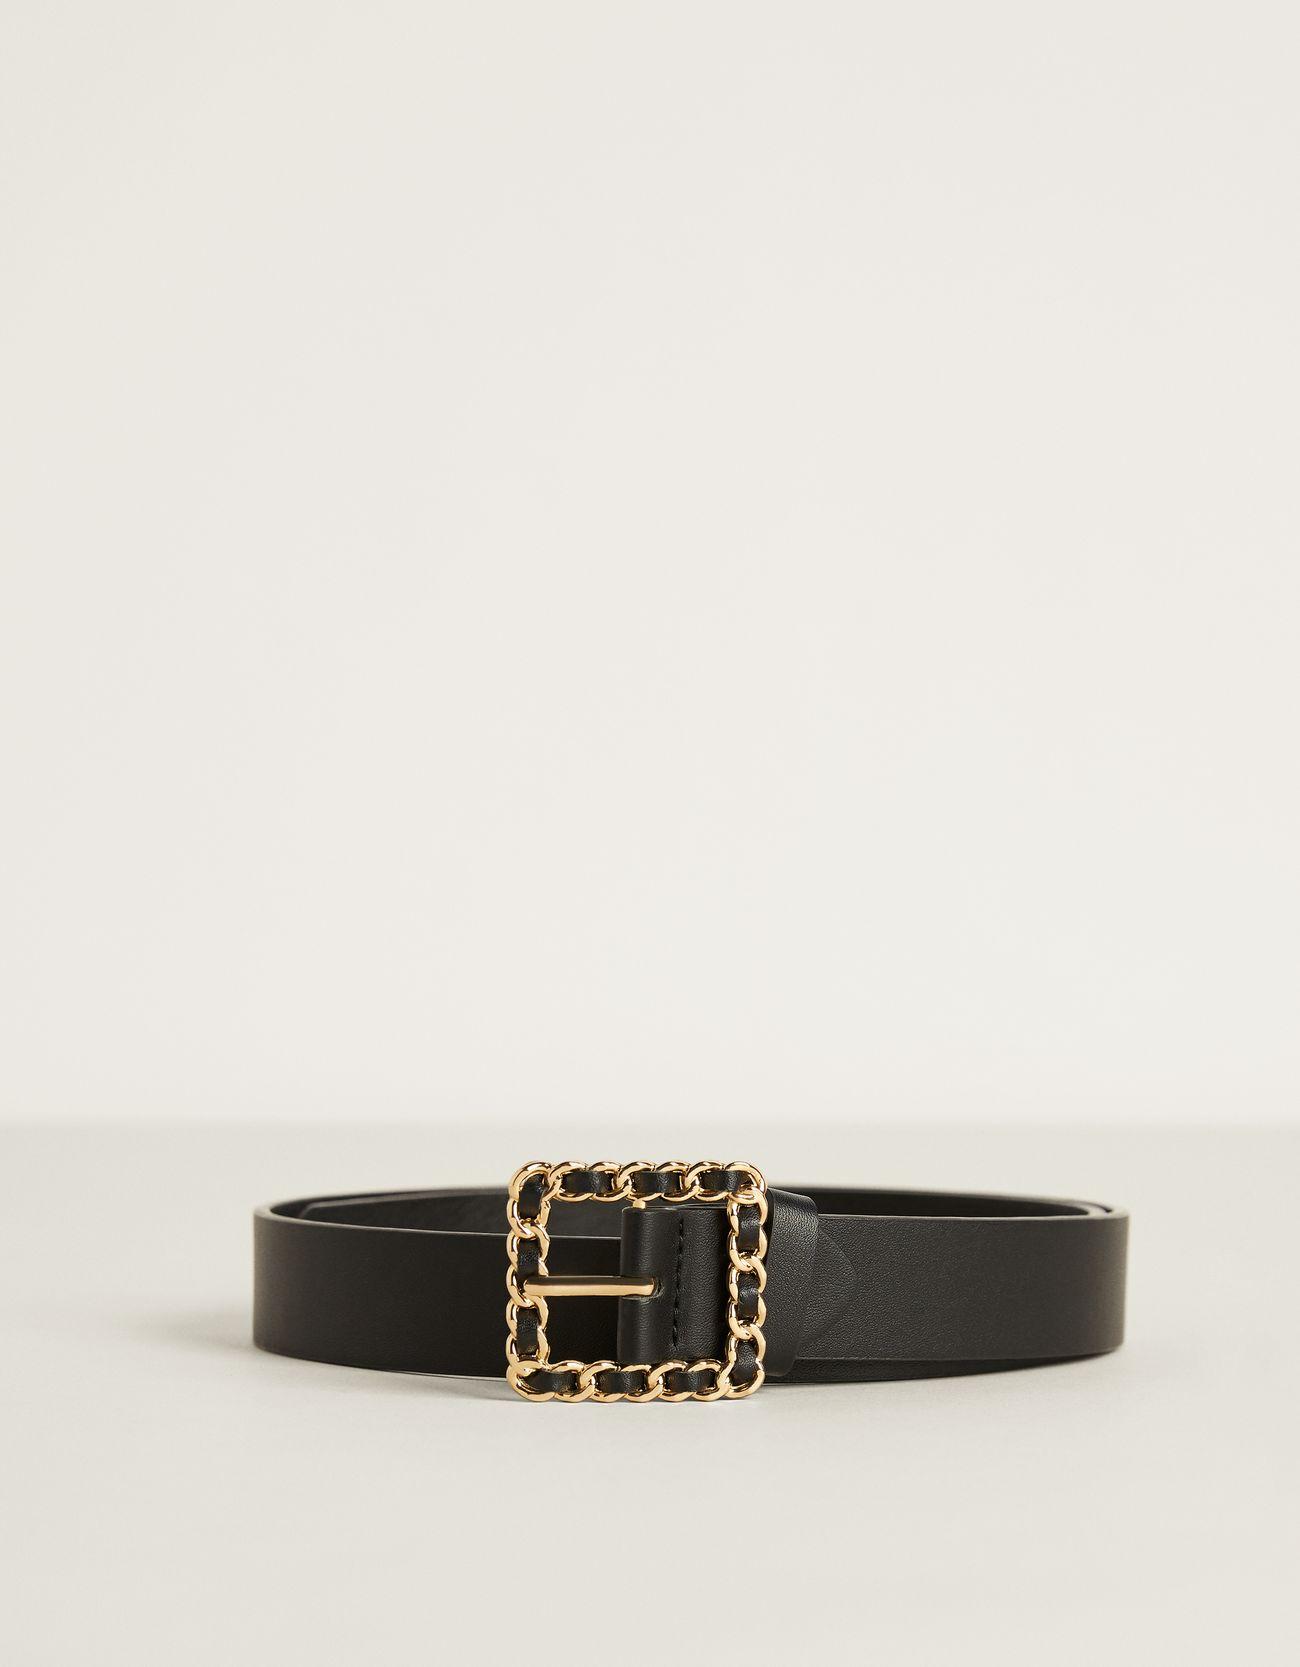 super popolare classico bellissimo aspetto Cintura con fibbia tipo catena - Accessori - Bershka Italy